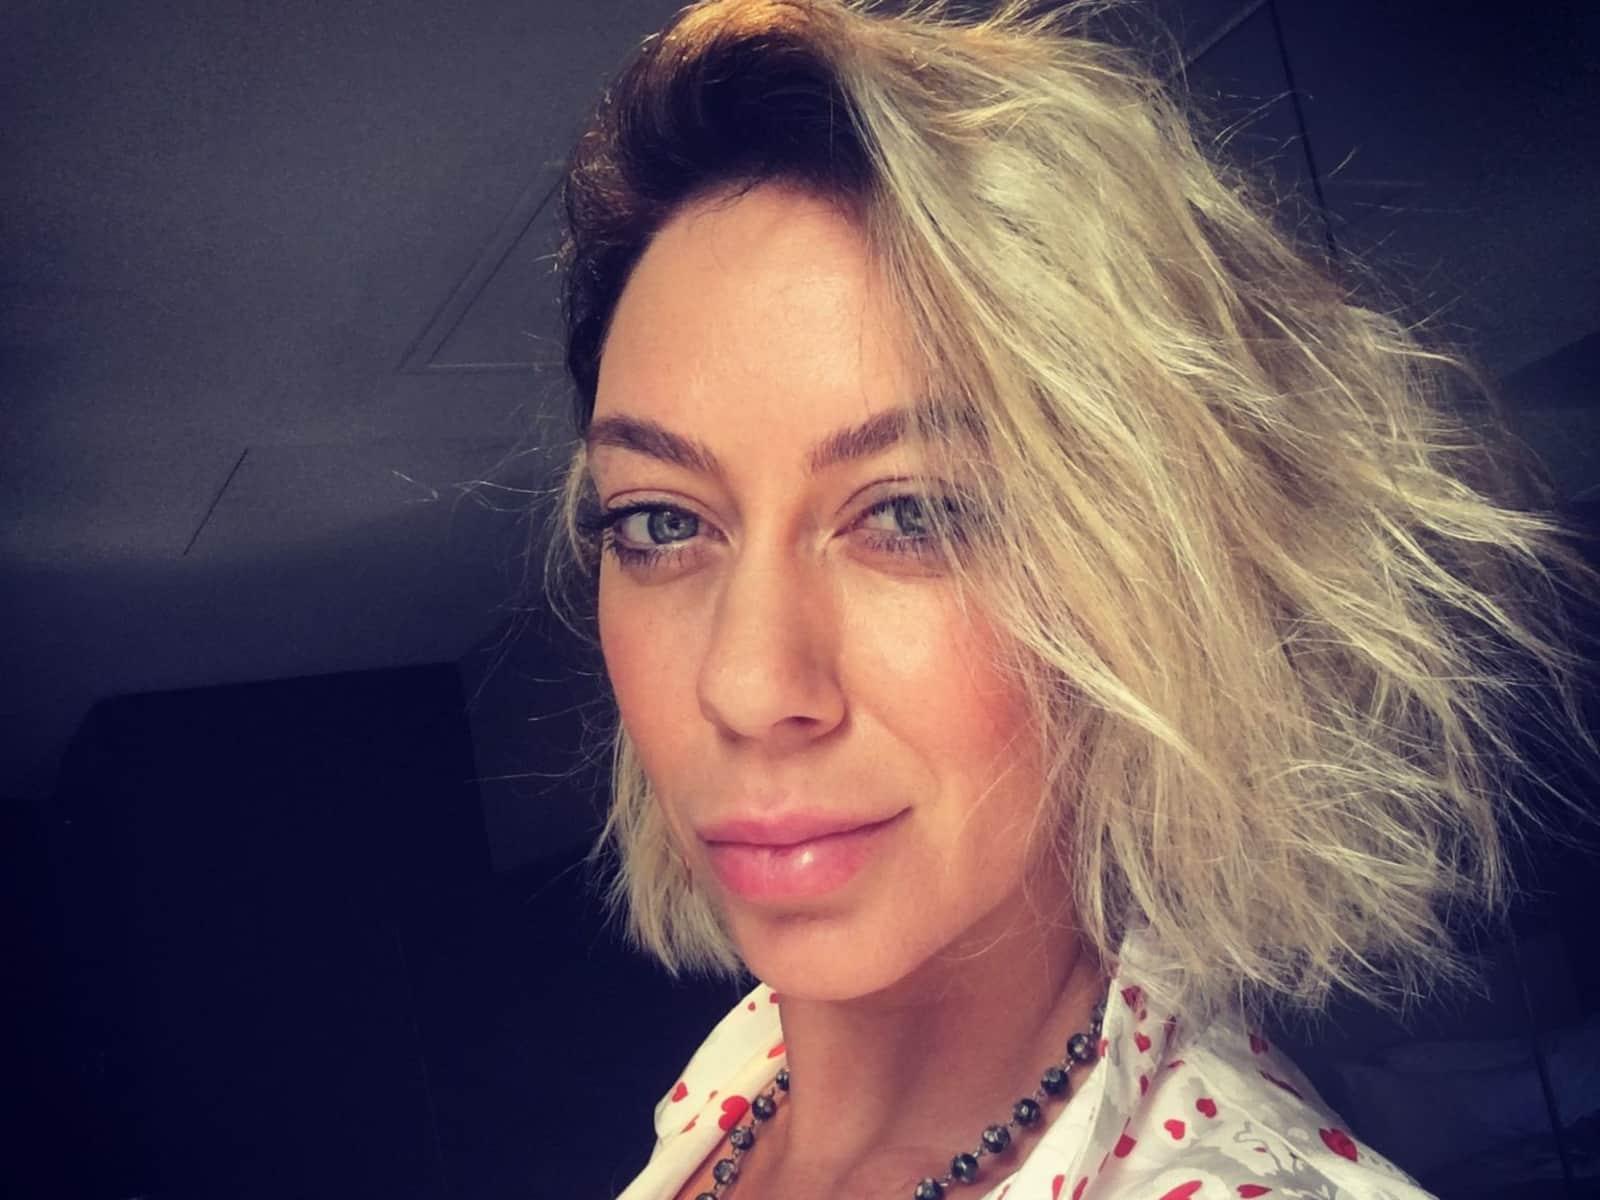 Brooke from Melbourne, Victoria, Australia